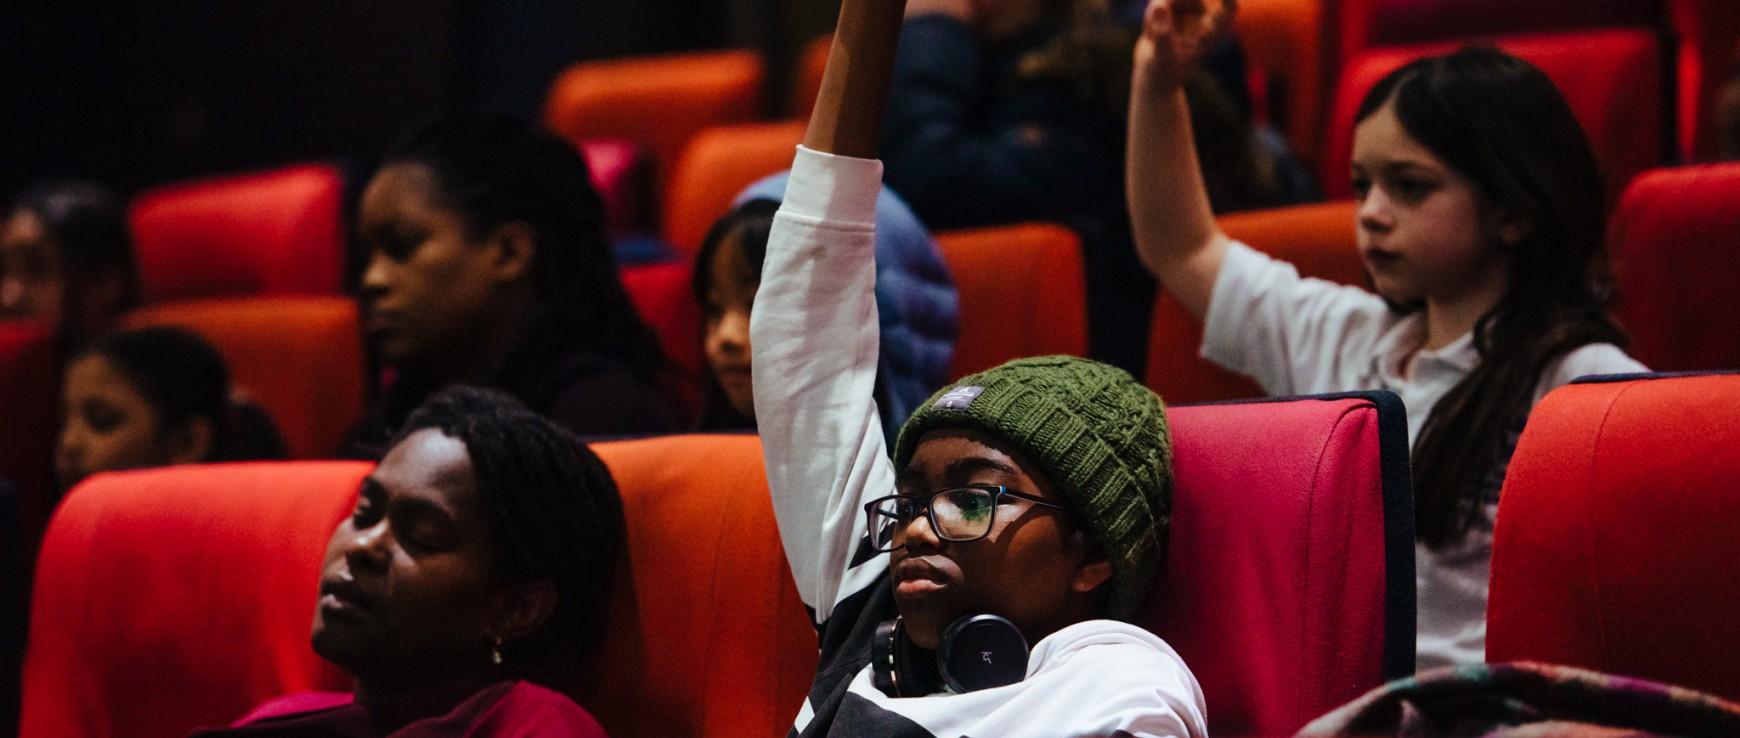 Into Film Festival Launch 2019